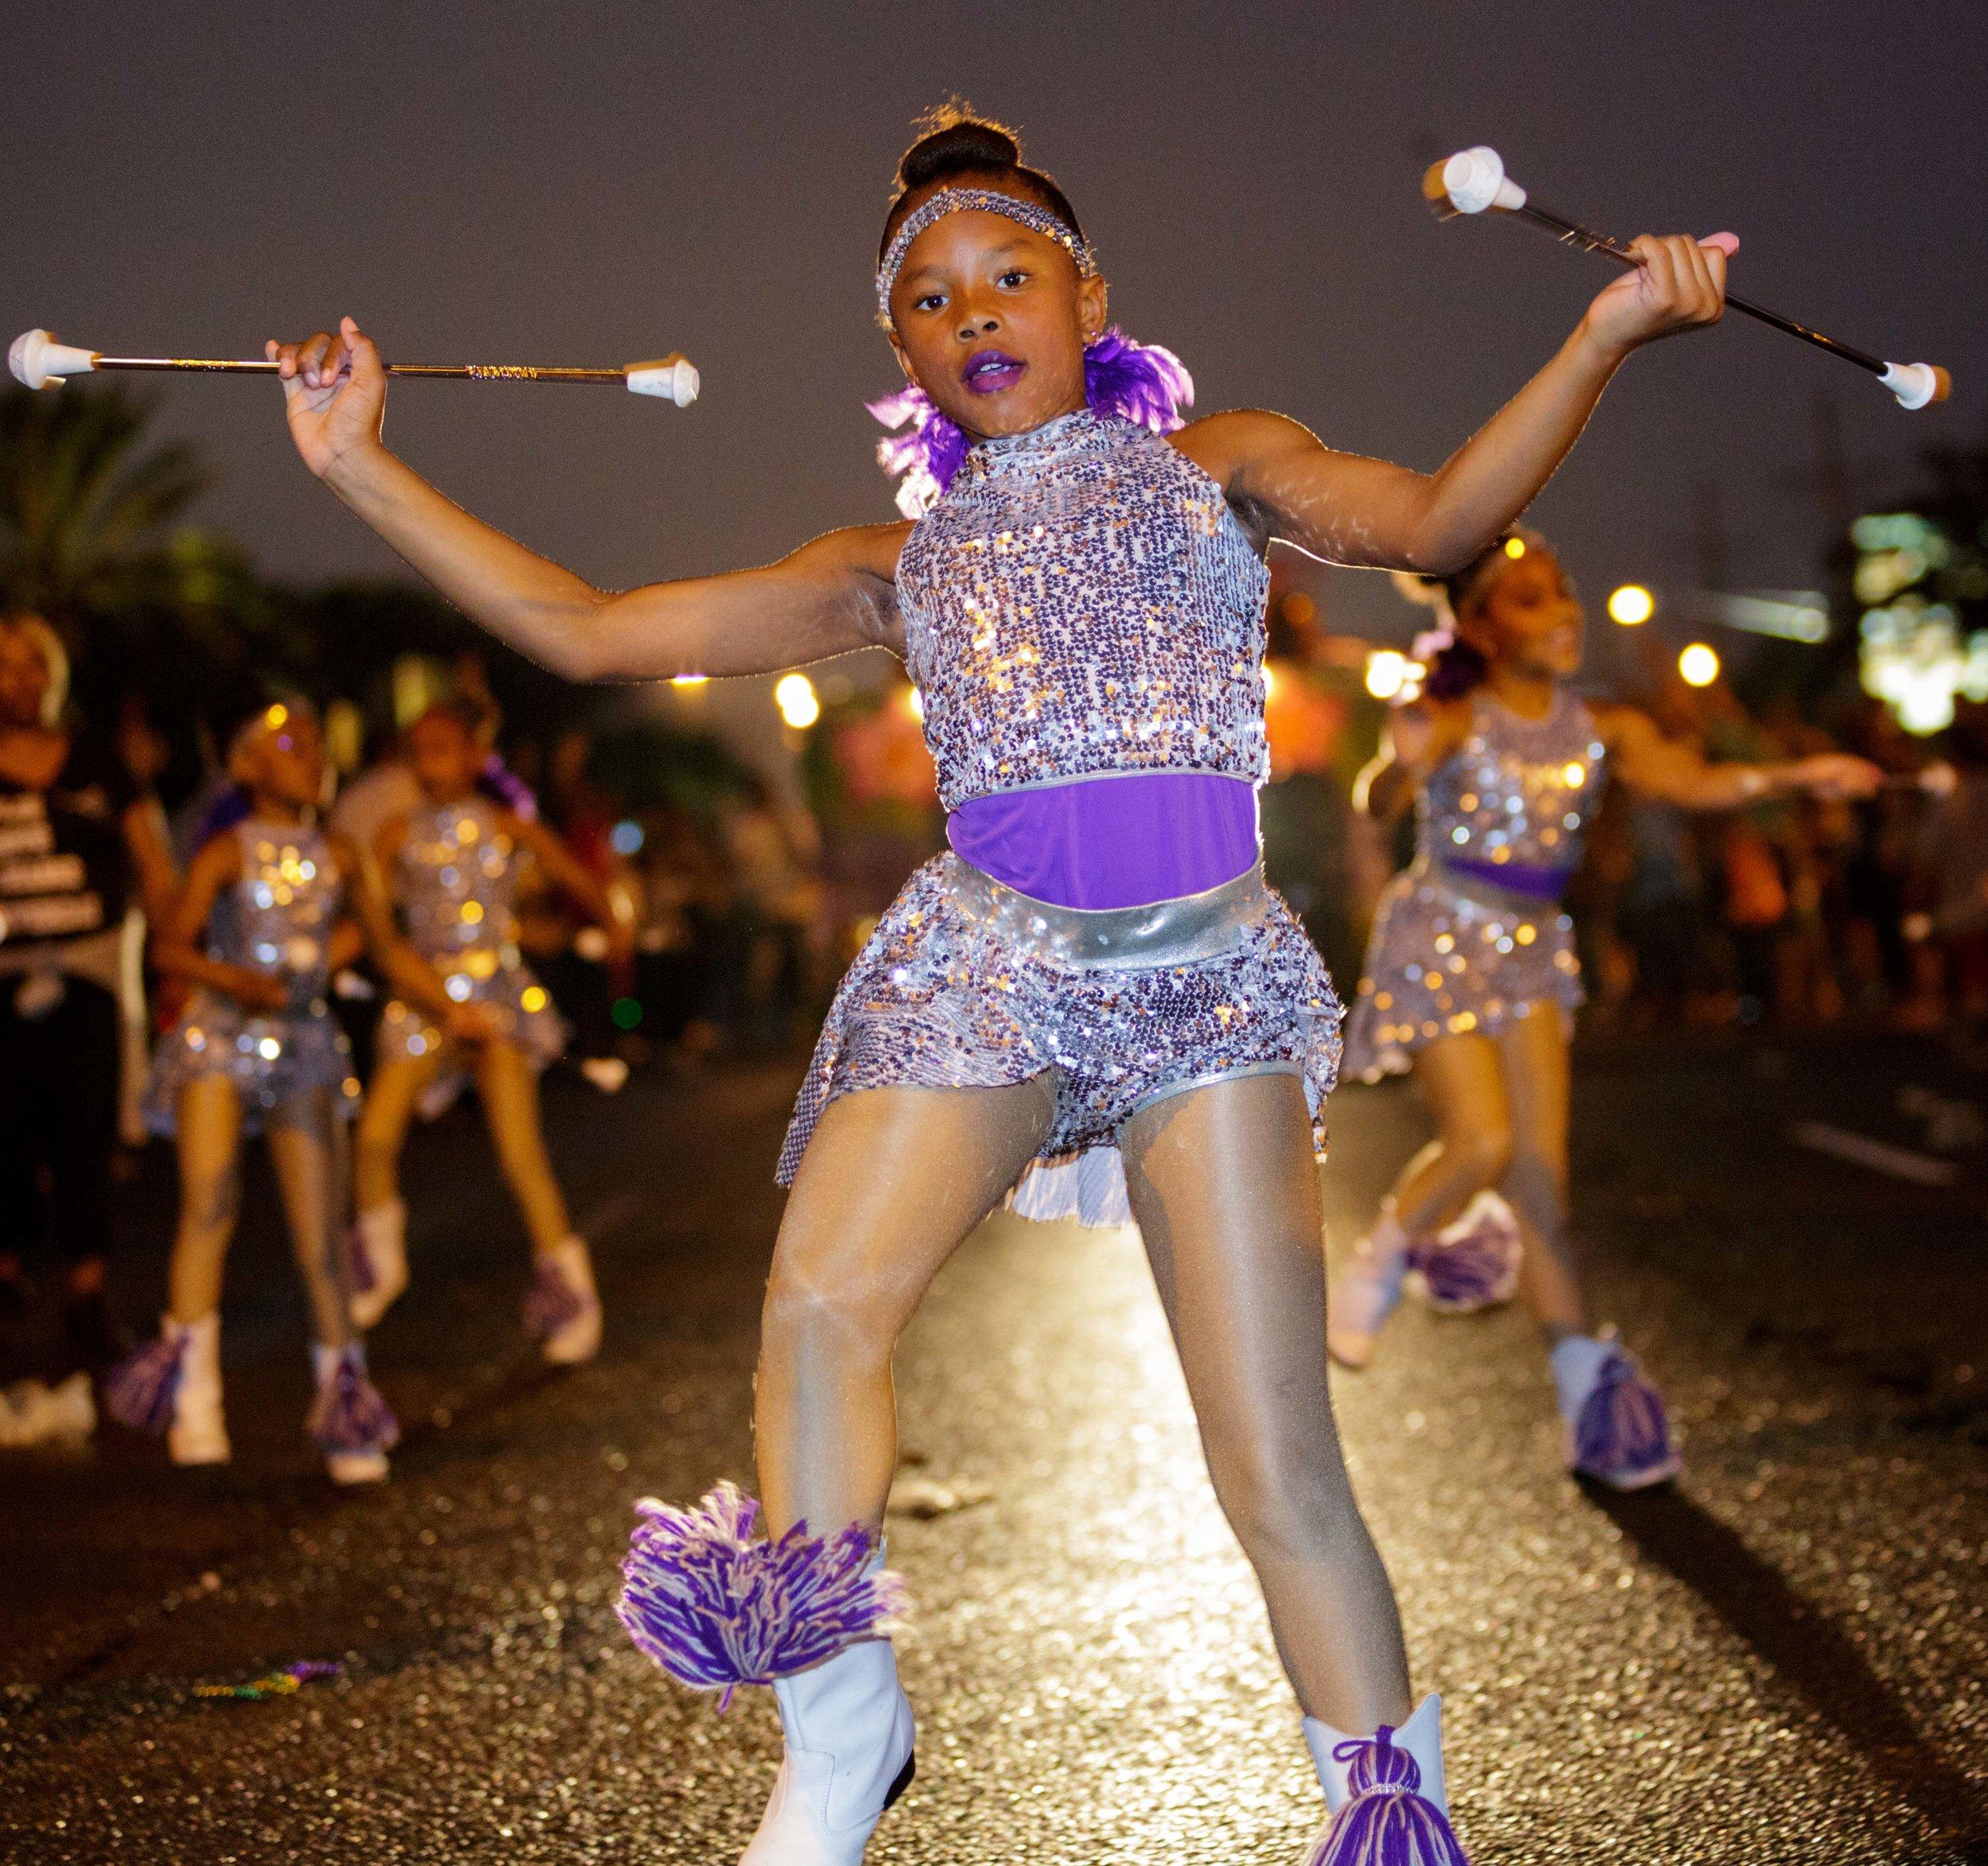 The Krewe of Athena Parade